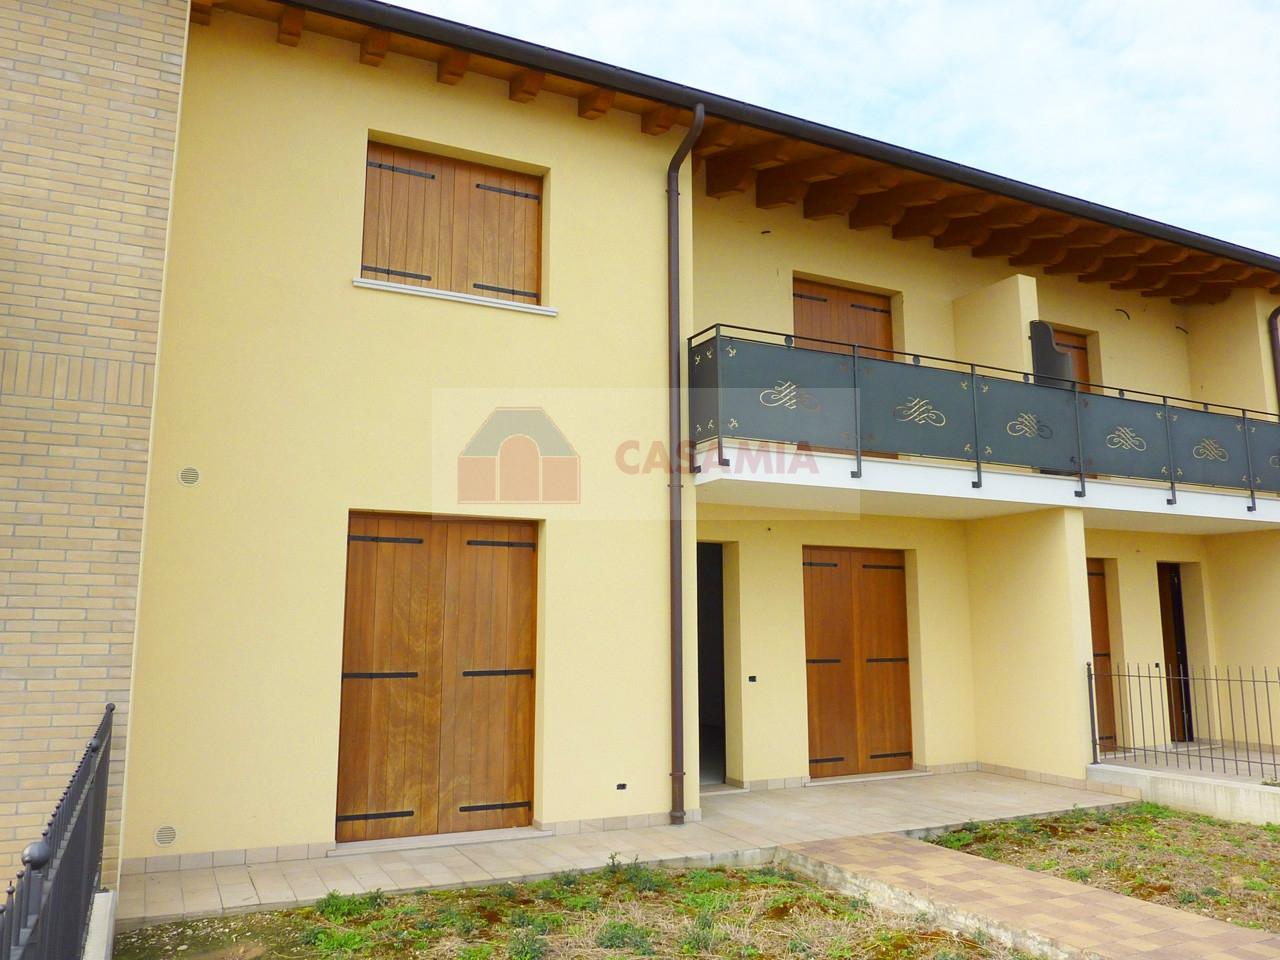 Vendita Villa Bifamiliare Fontanelle 5 130 M� 210.000 €